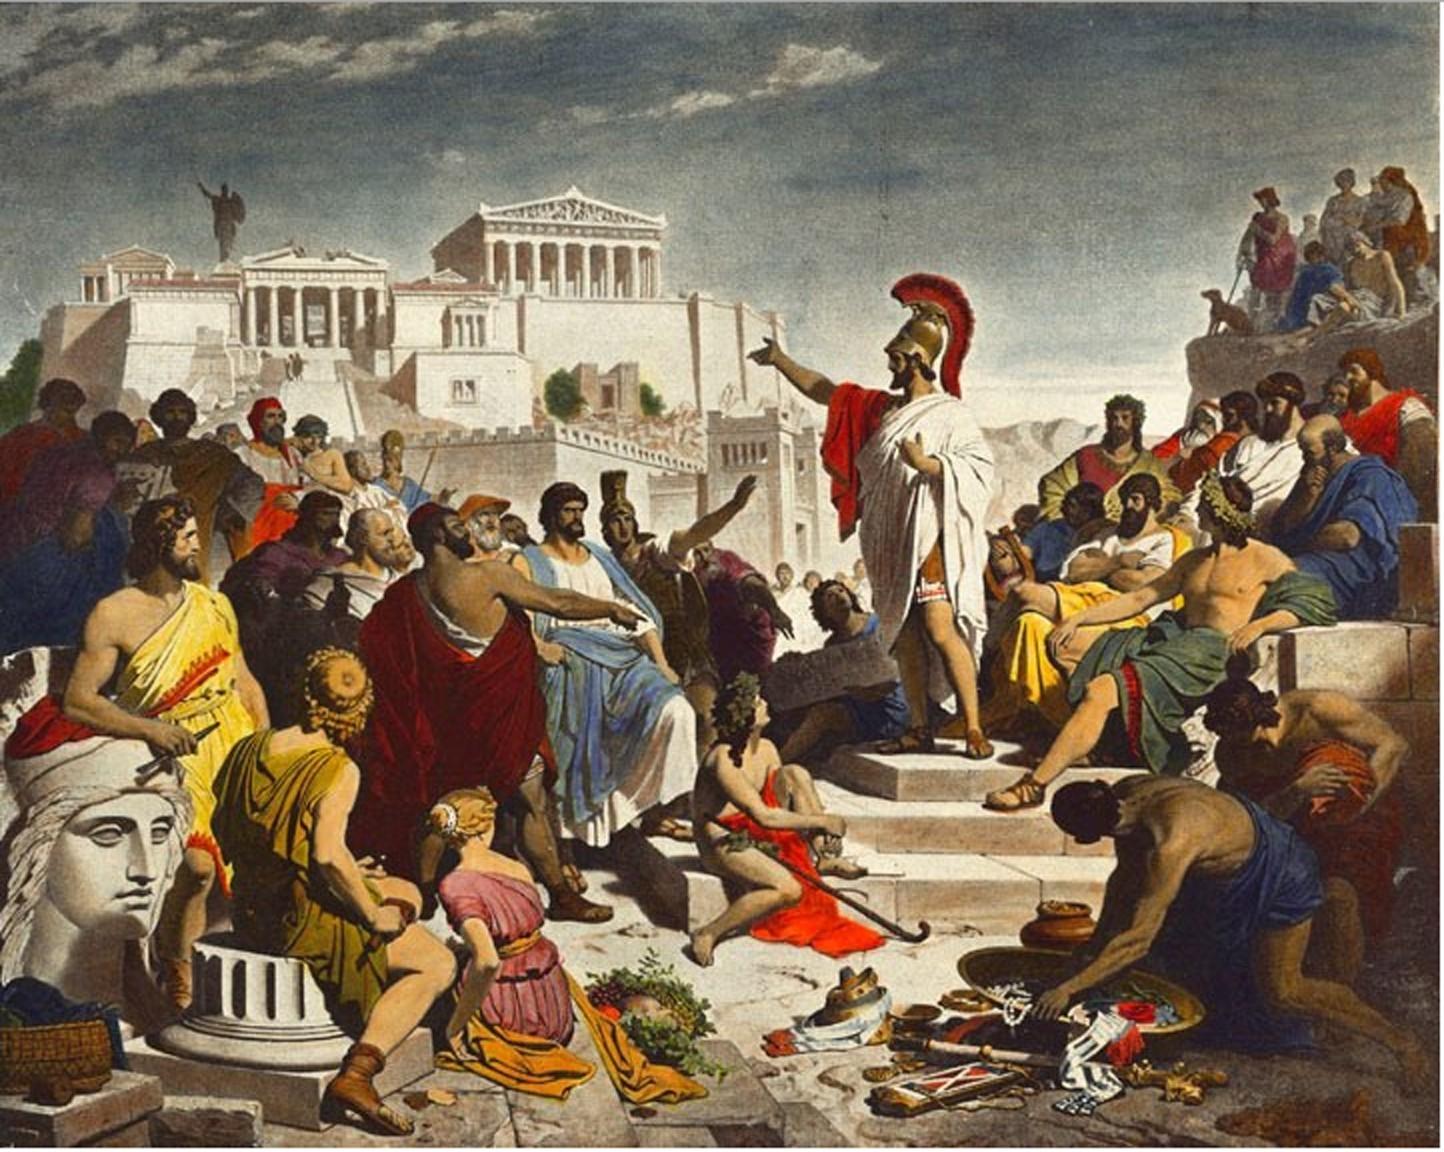 История развития правосудия и законодательства в мире